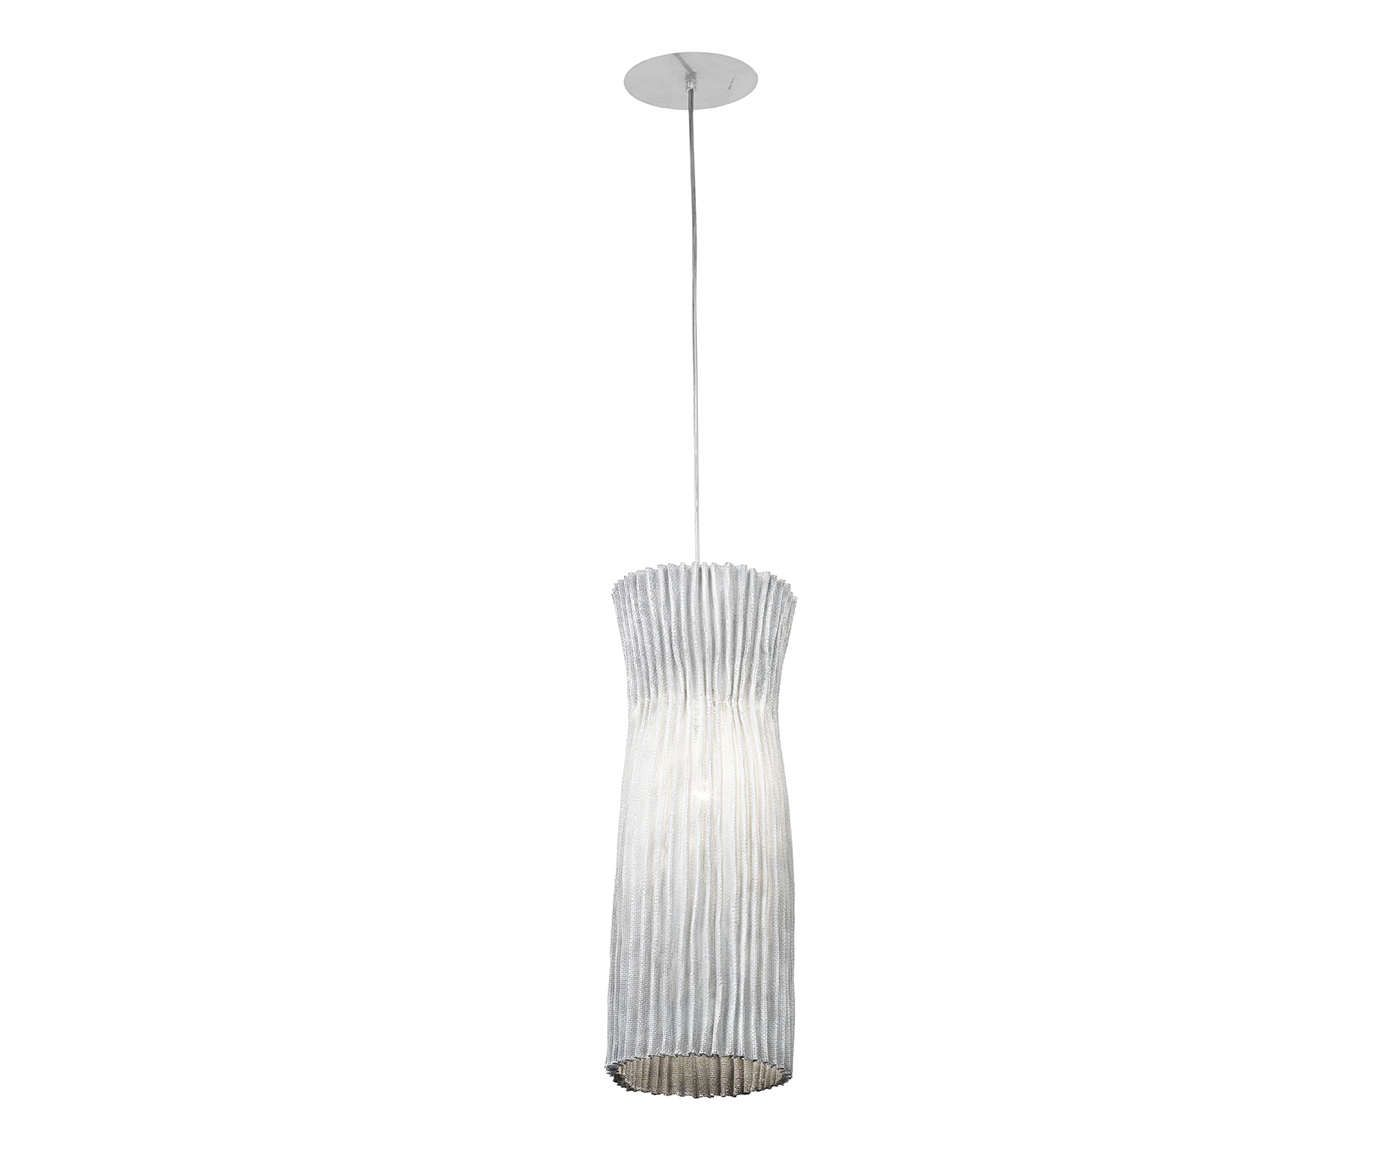 Pendente gea - la lampe | Westwing.com.br